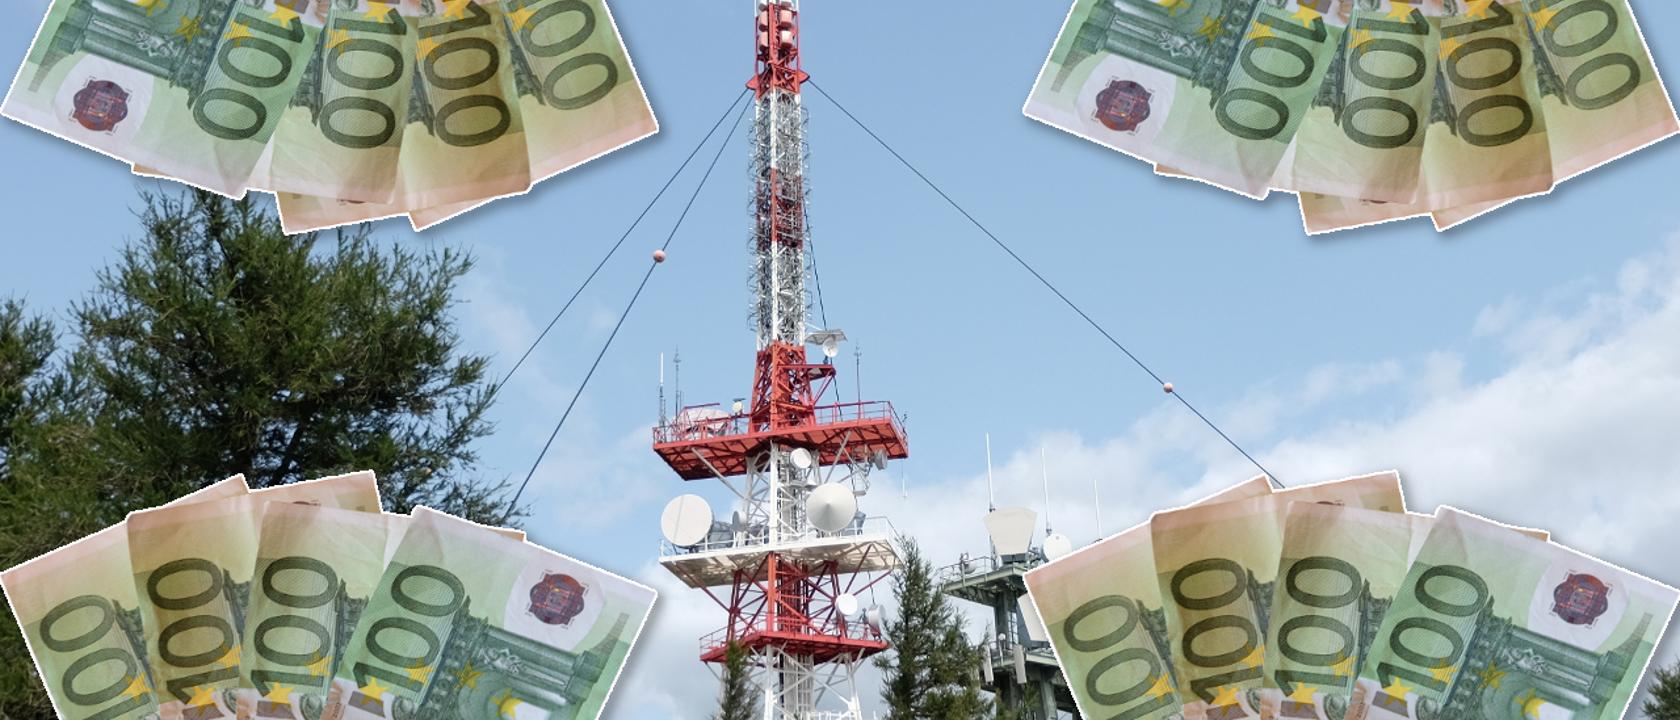 Dänemark schafft Rundfunkgebühr ab